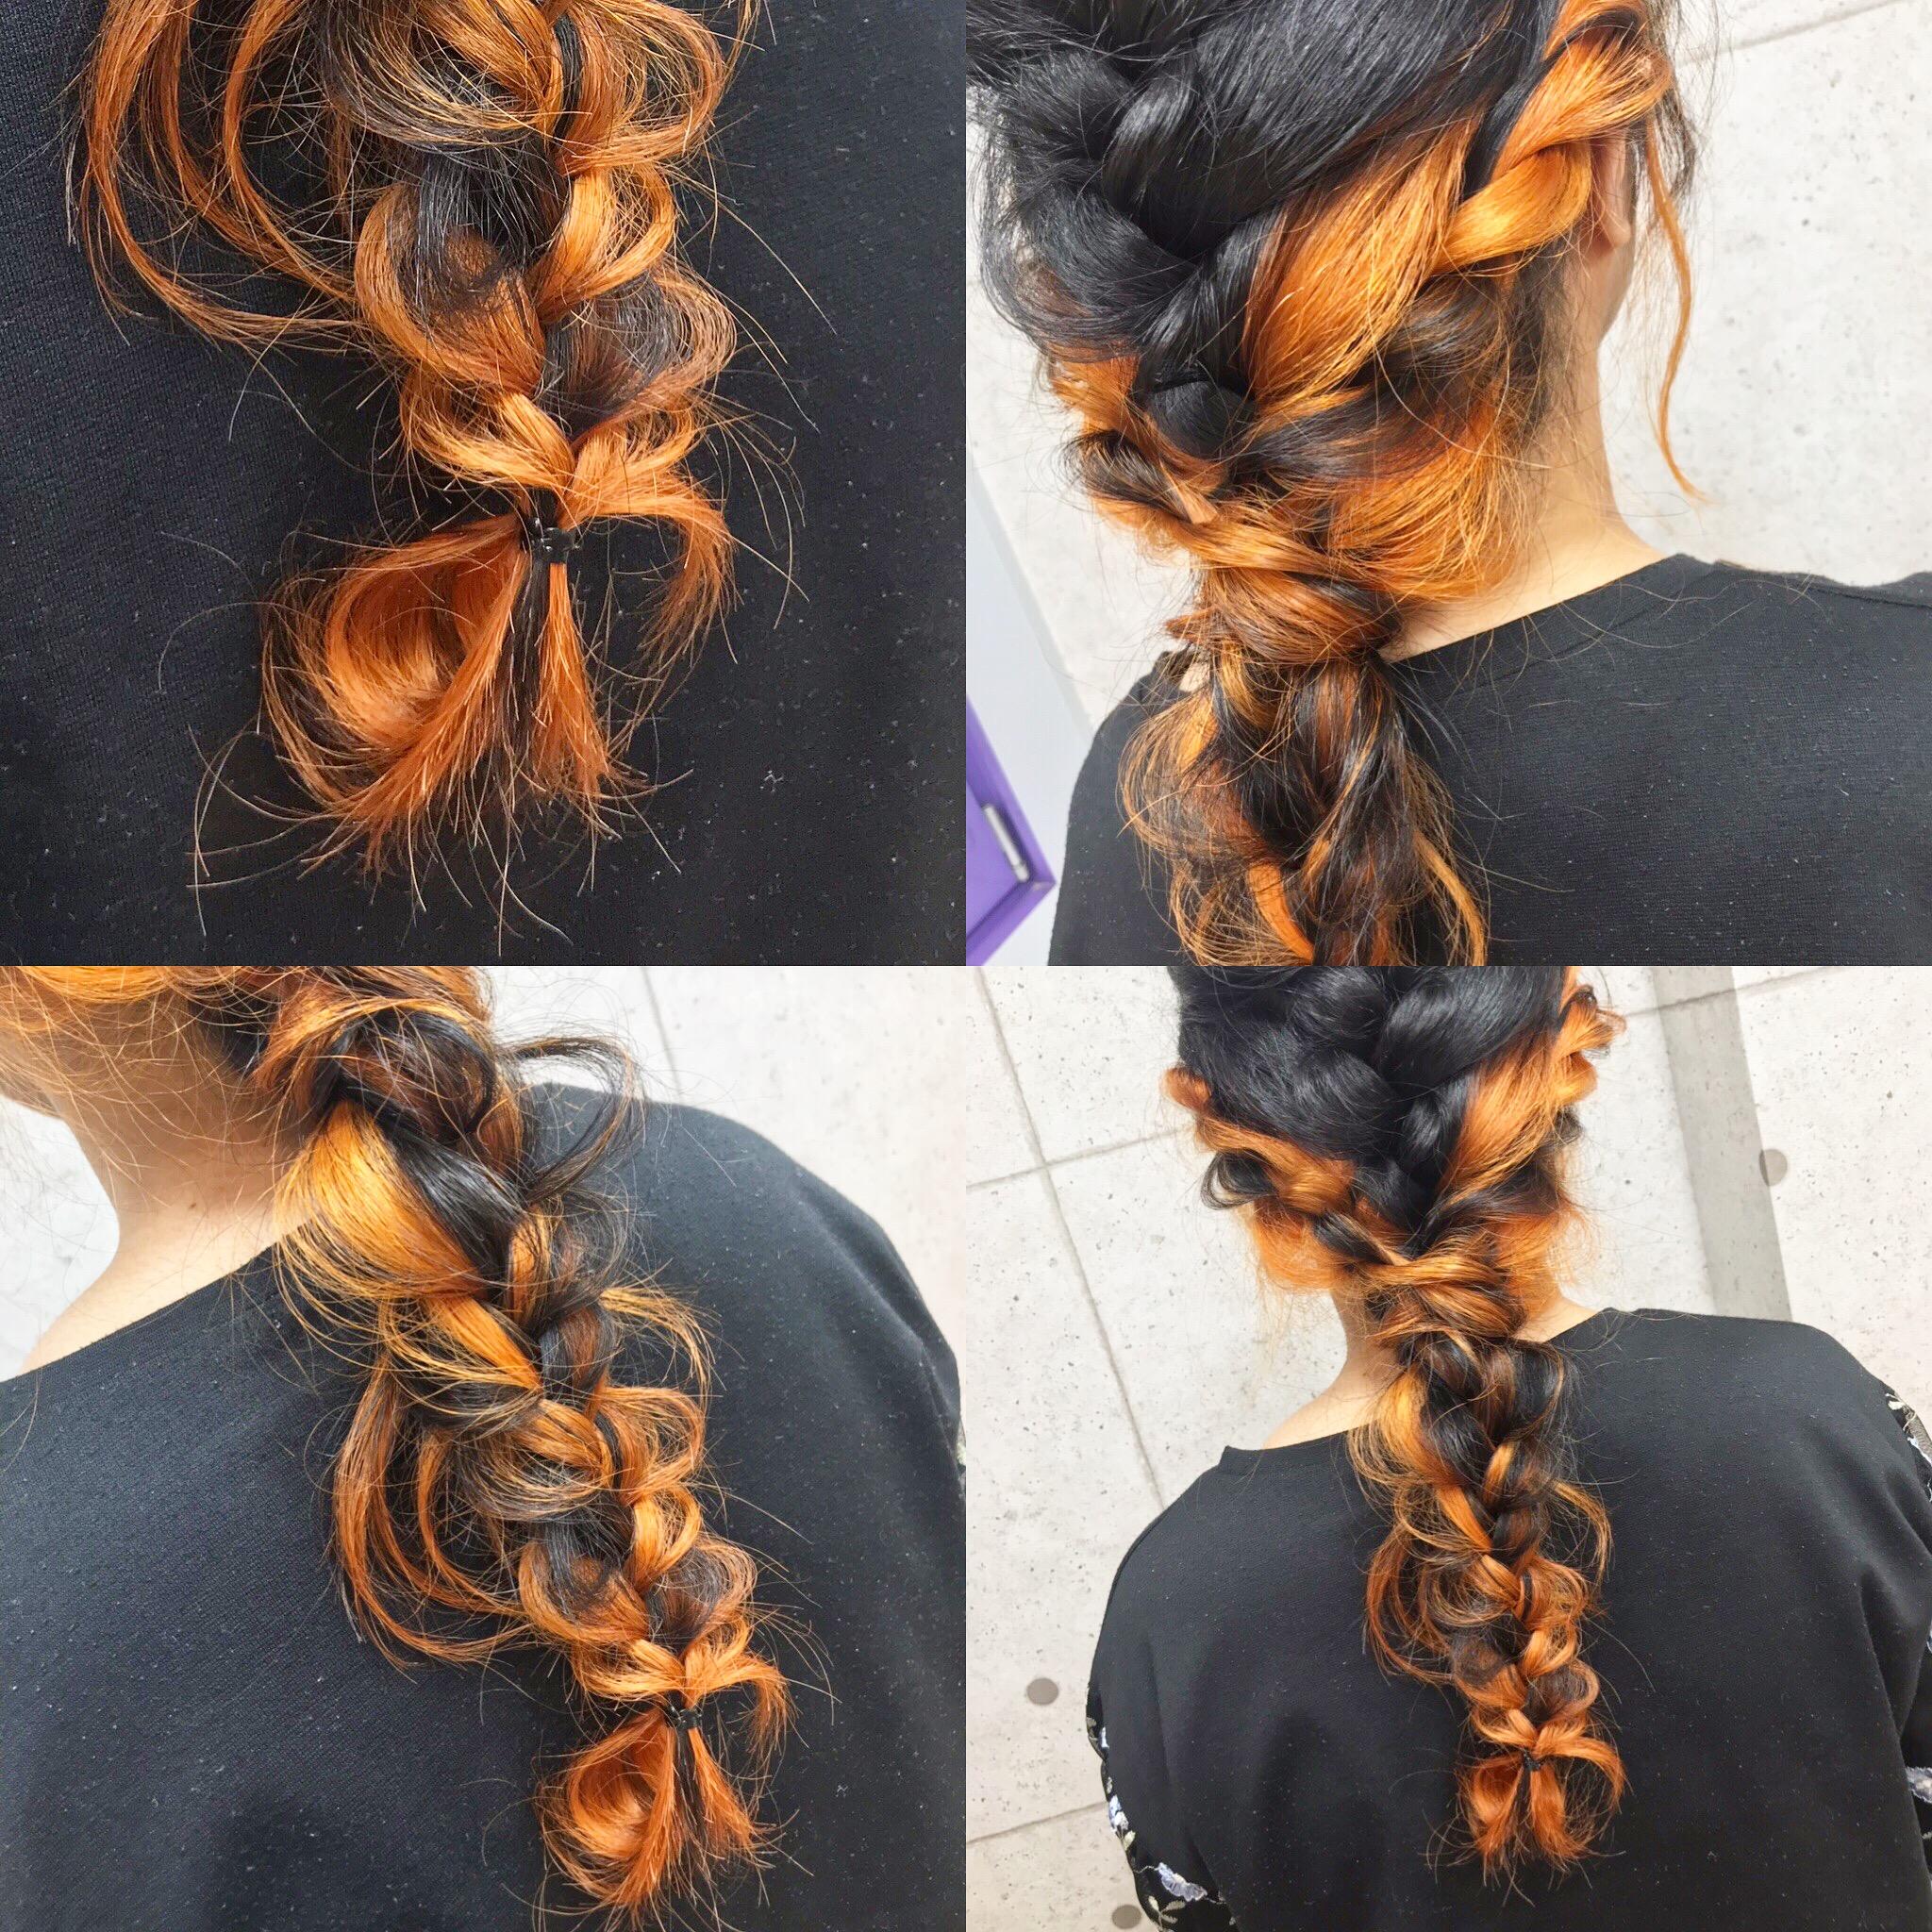 インナーカラーオレンジ×編み込みアレンジ